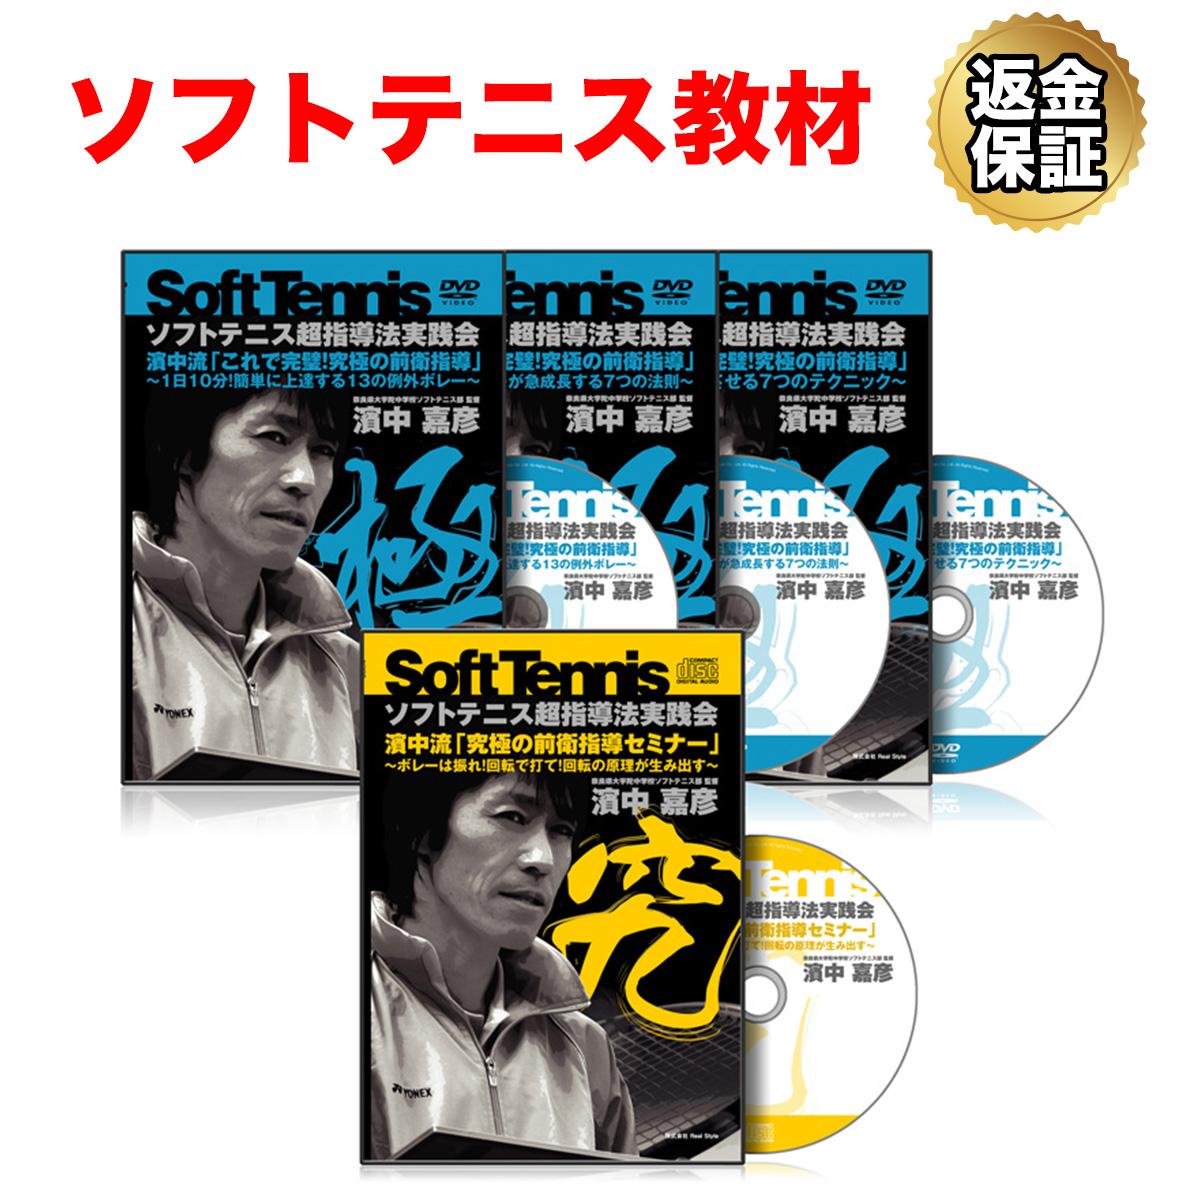 ソフトテニス 教材 DVD 濱中流「究極の前衛指導コース」